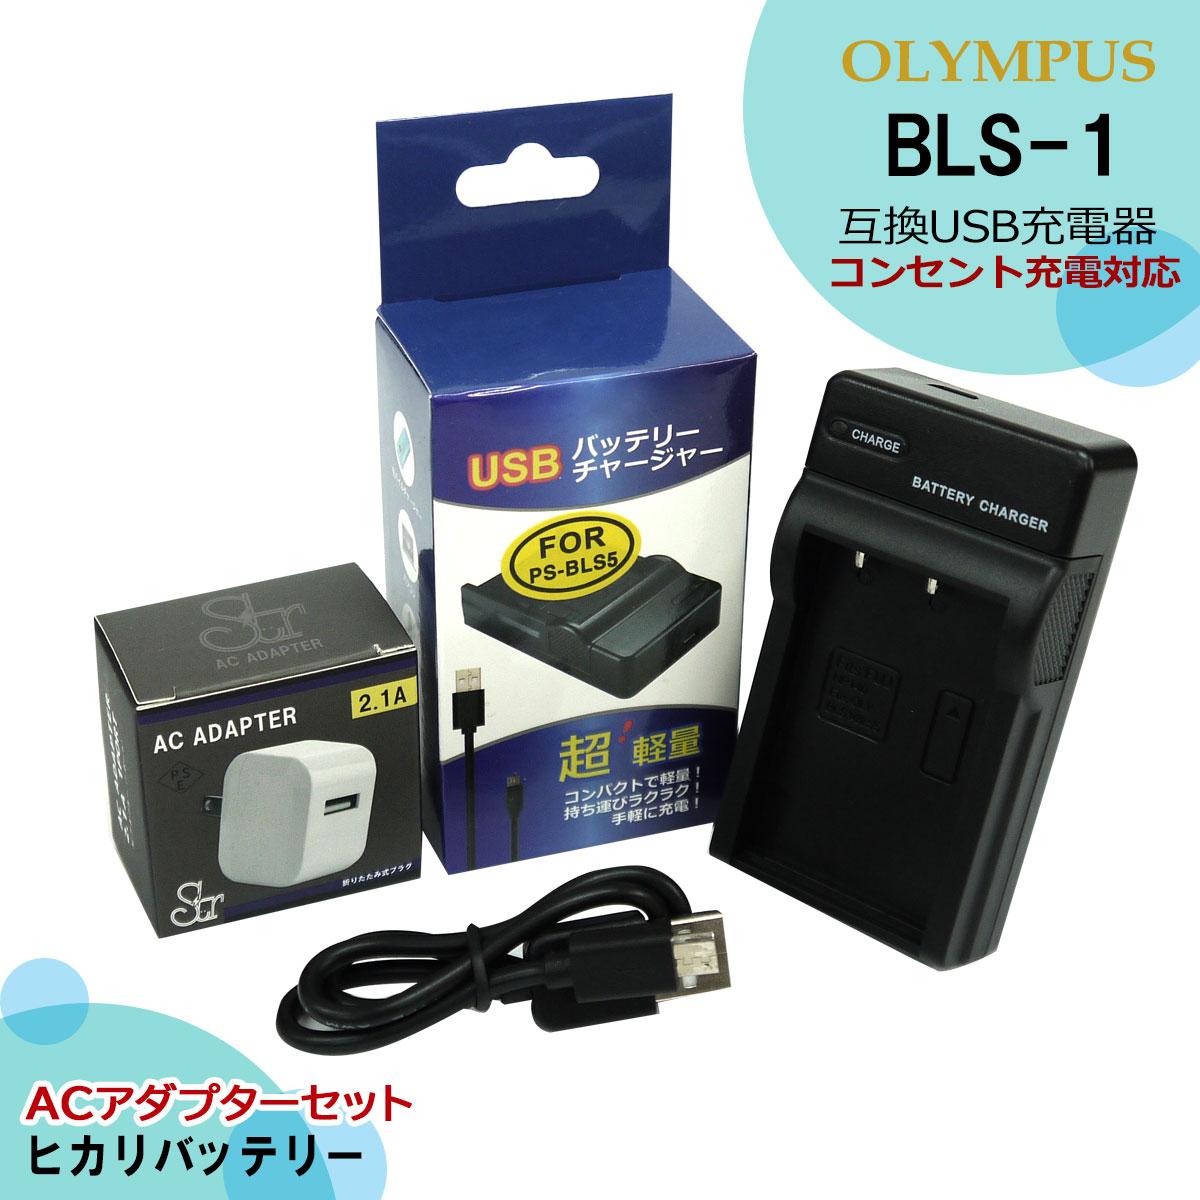 互換充電器 6ヶ月保証 純正品 互換品にも対応可能 コンセント充電可能 高額売筋 BLS-1 あす楽対応 オリンパス E-410 E-400 E-420 E-620 E-PL1 E-PL5 E-PM1 バッテリー BCS-1 A2.1 国産品 E-PL2 互換チャージャー 1個とACアダプター1個の2点セット E-PL1s E-P2 E-PL3 E-P1 E-P3